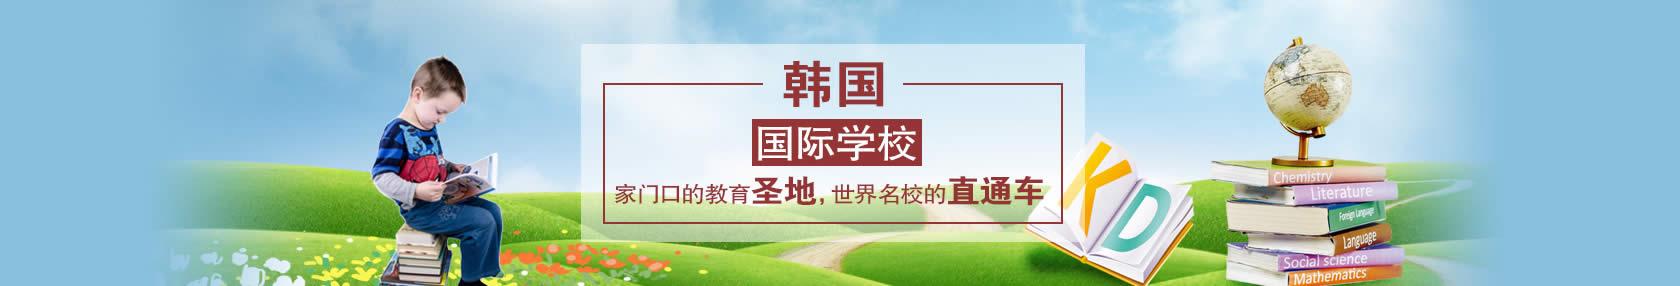 【环球移民】韩国国际学校教育,直通家门口世界名校享受优质教育